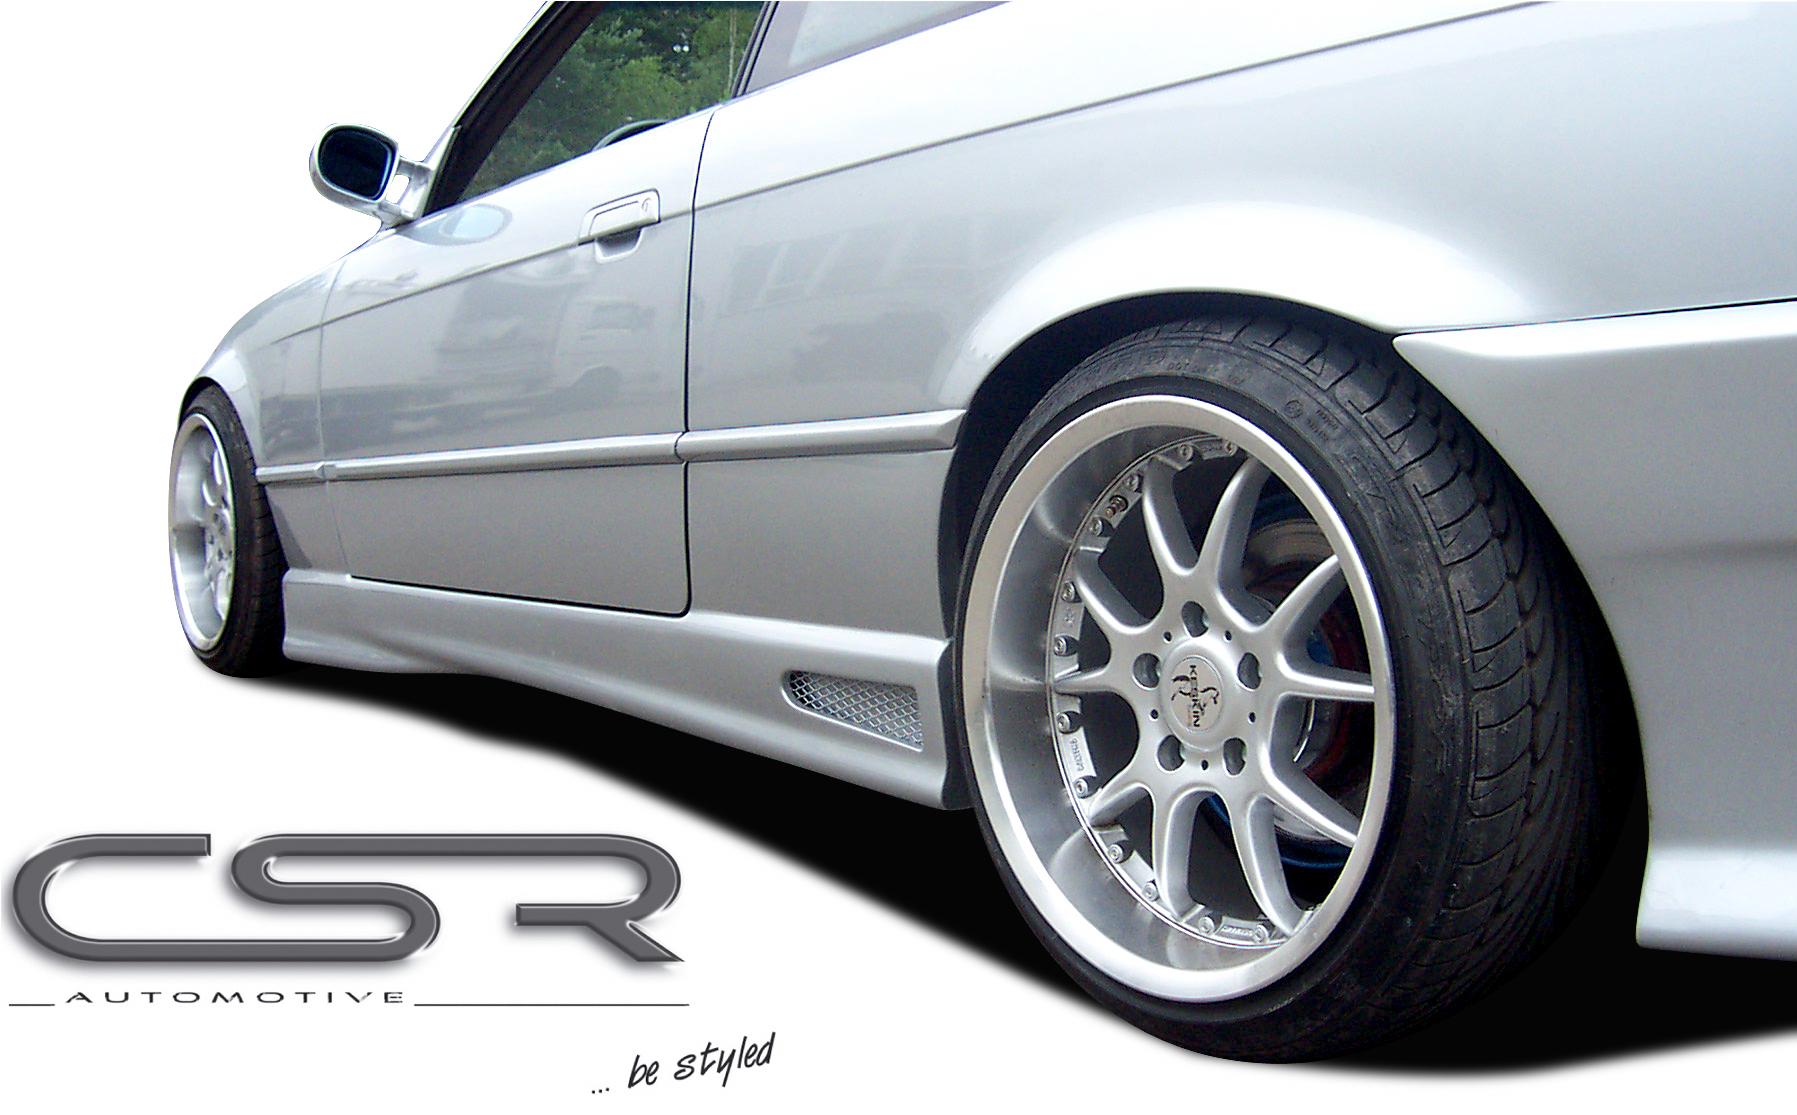 комплект накладок на пороги Csr Automotive для Bmw E39 95 03